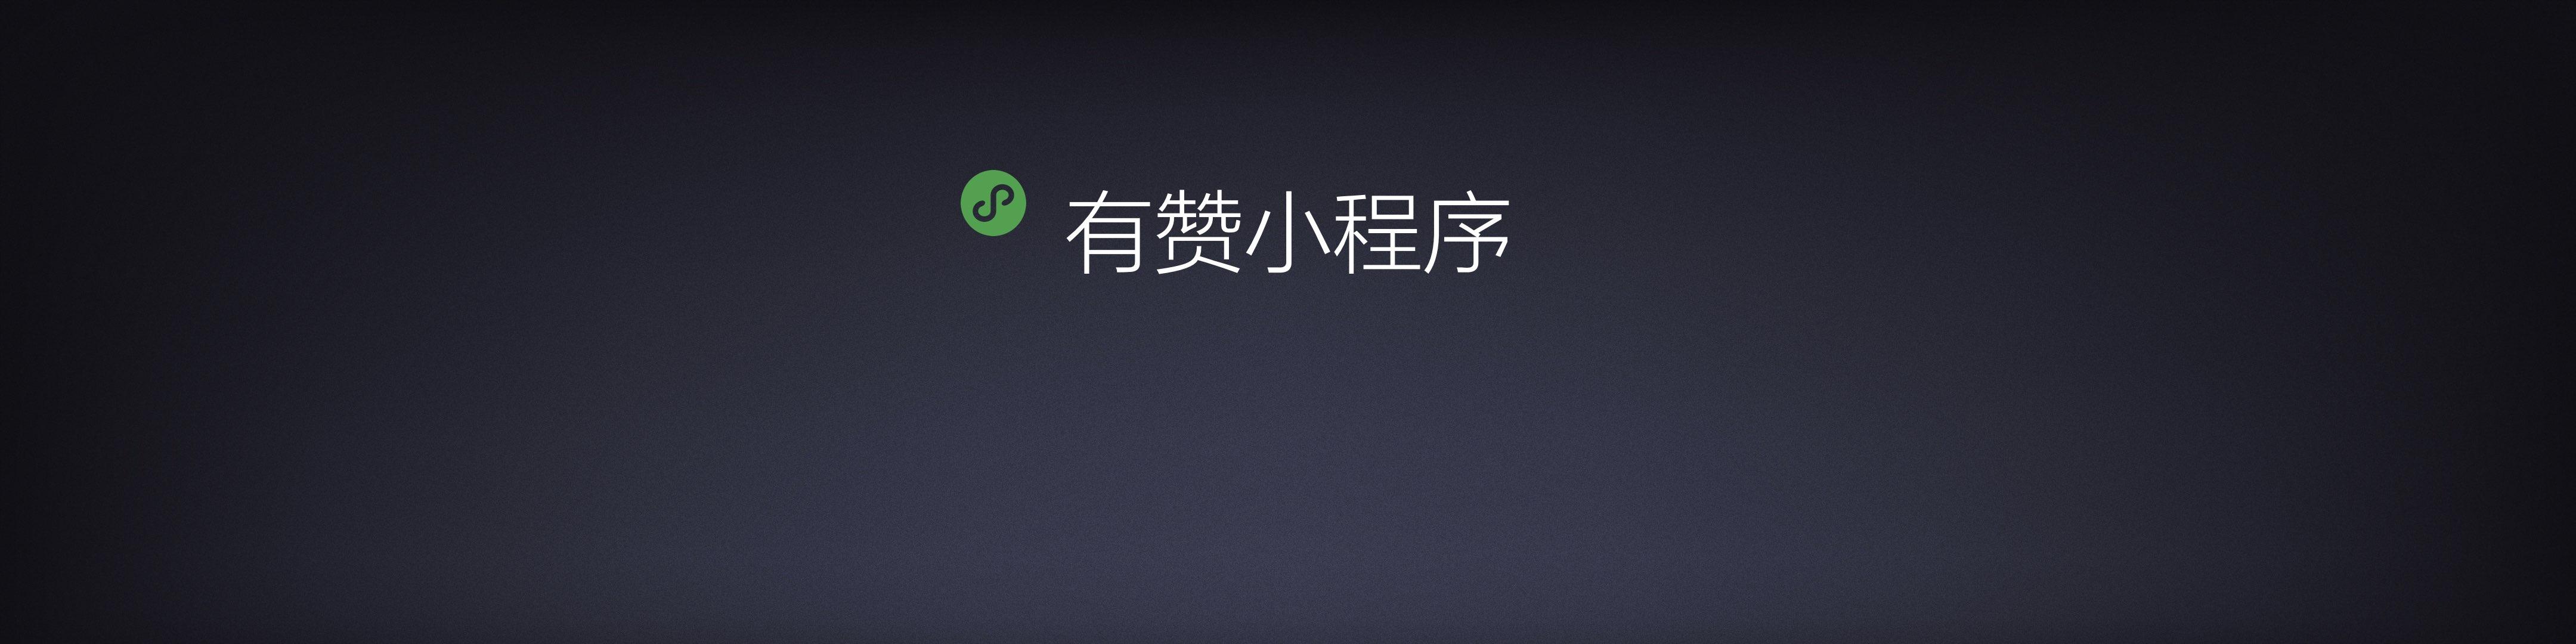 2018有赞春季沙龙-公开版.059.jpeg